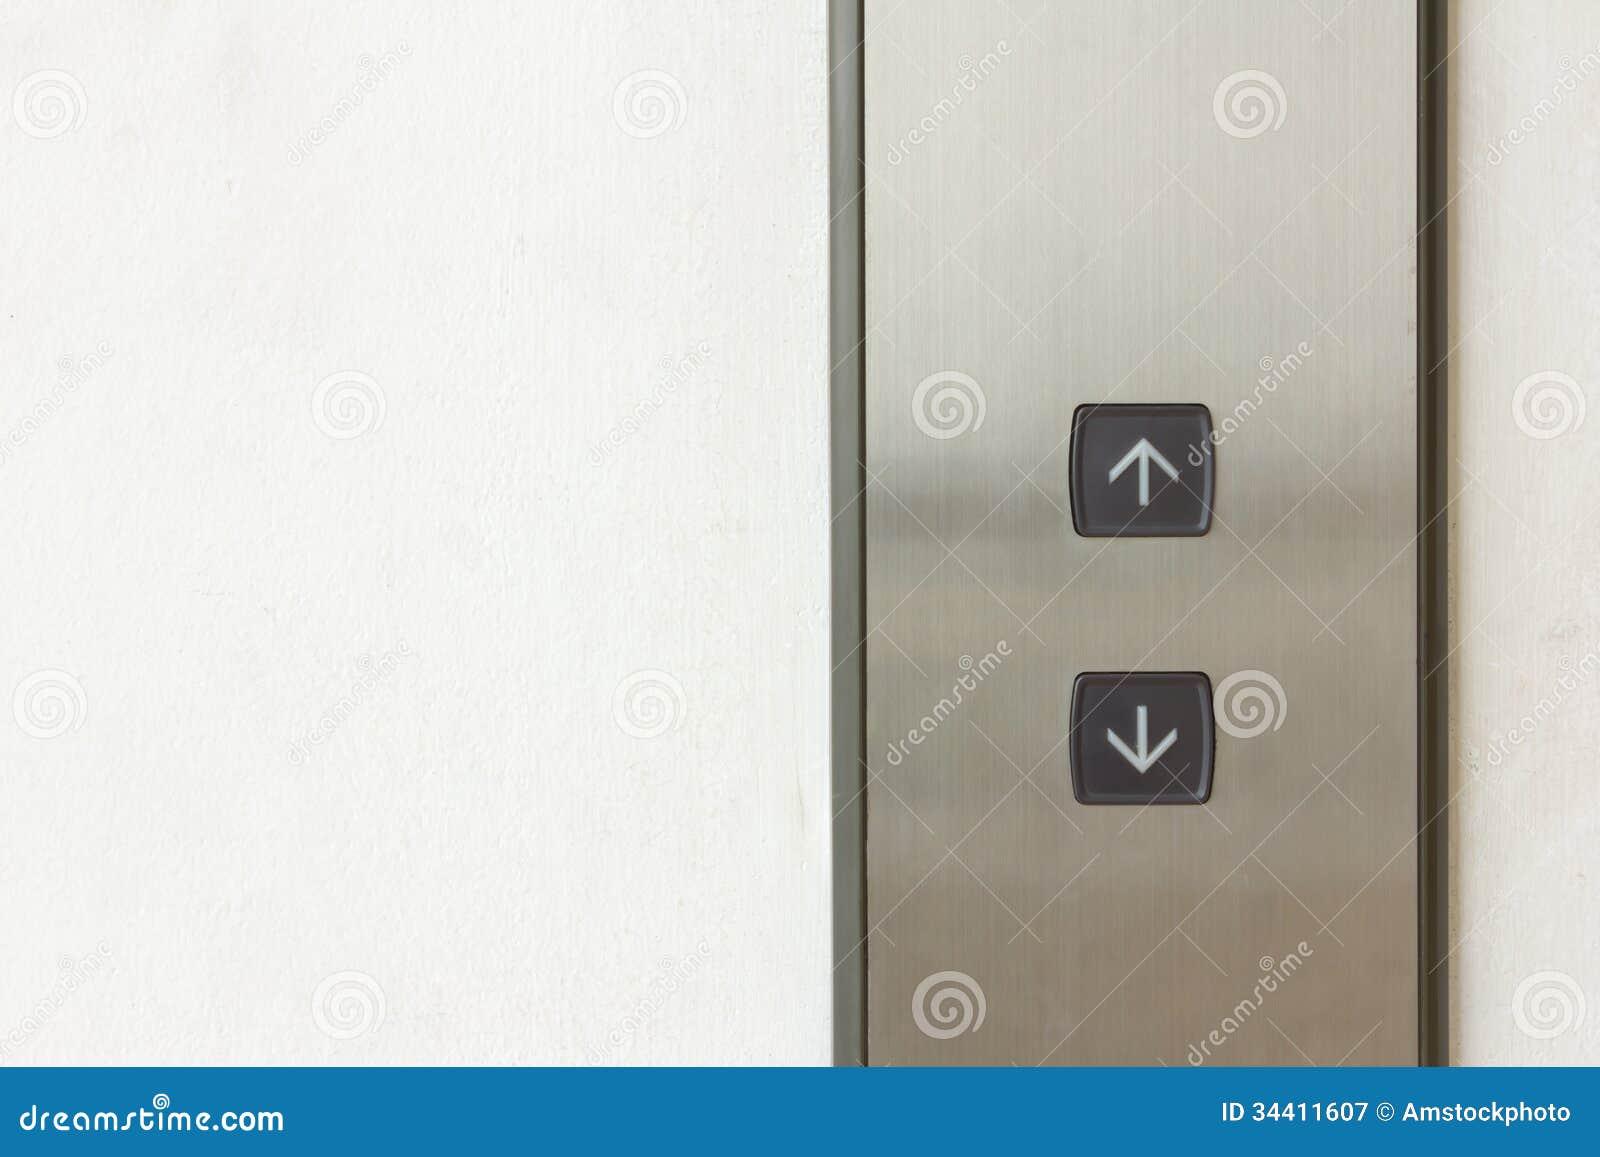 在方向上下的电梯按钮